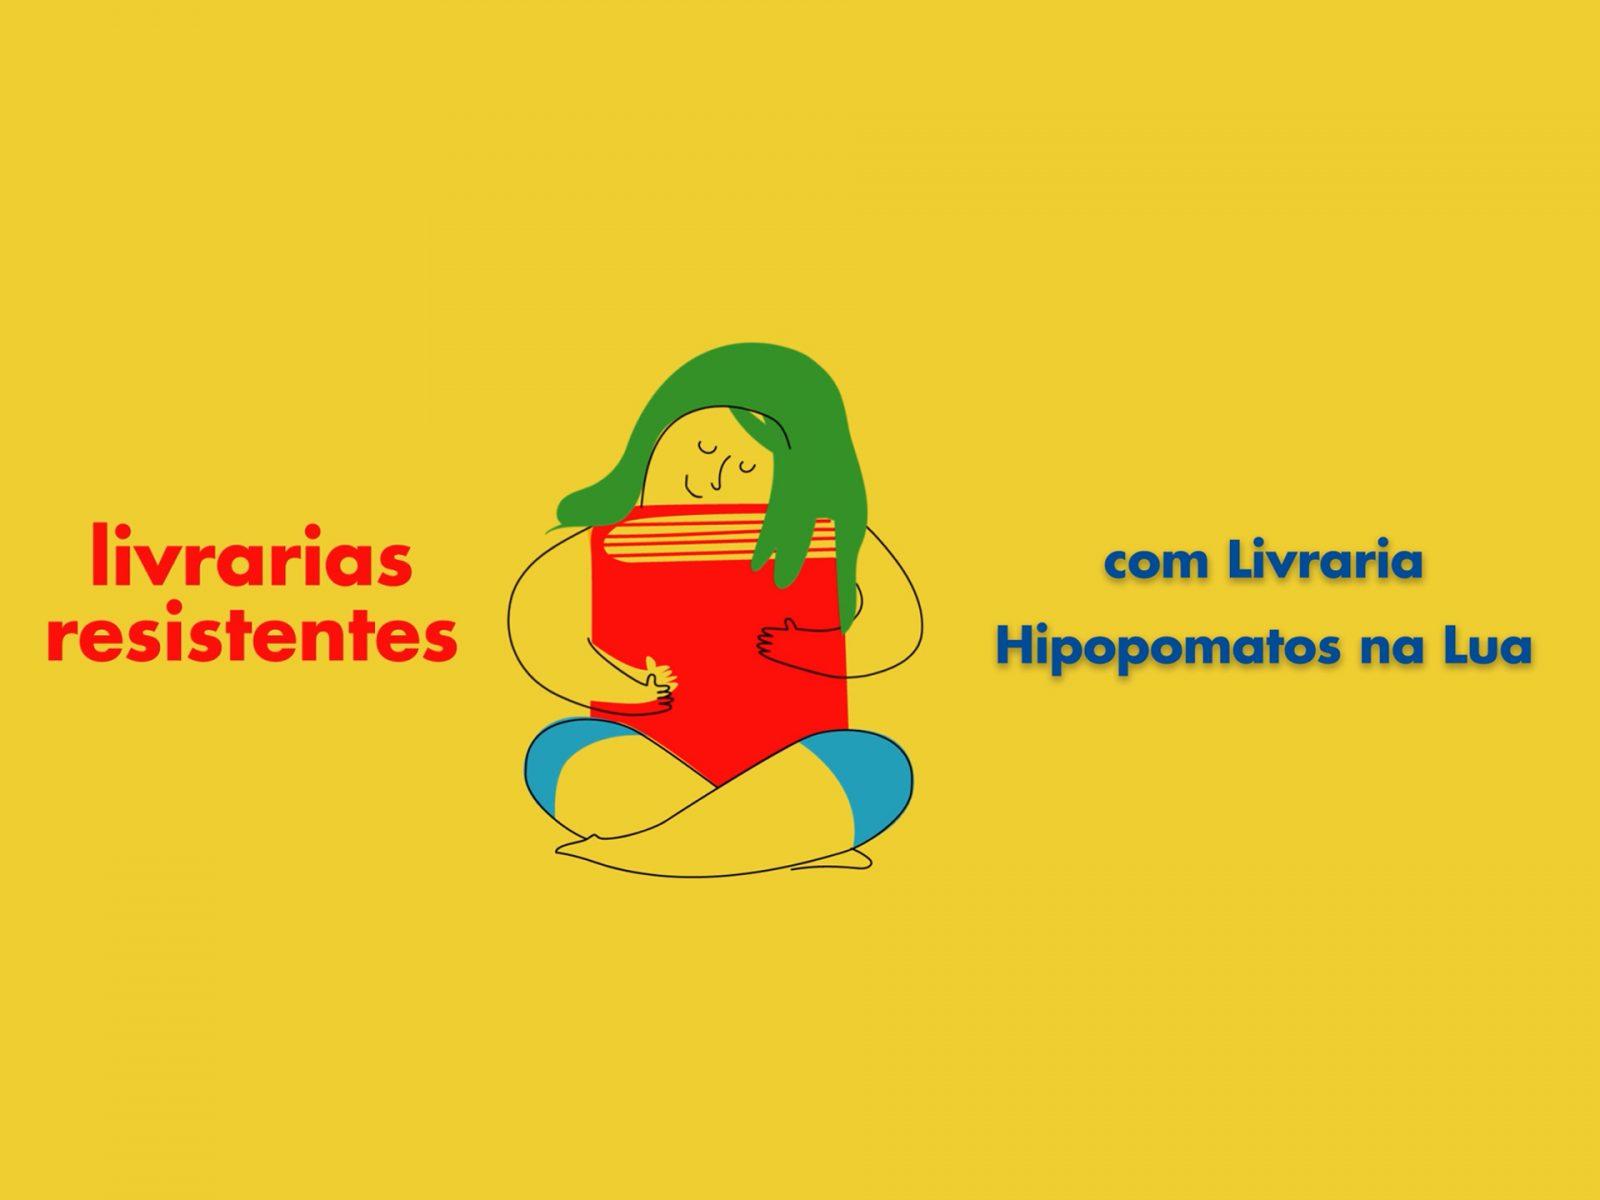 gerador-livrarias-resistentes-hipopomatos-na-rua